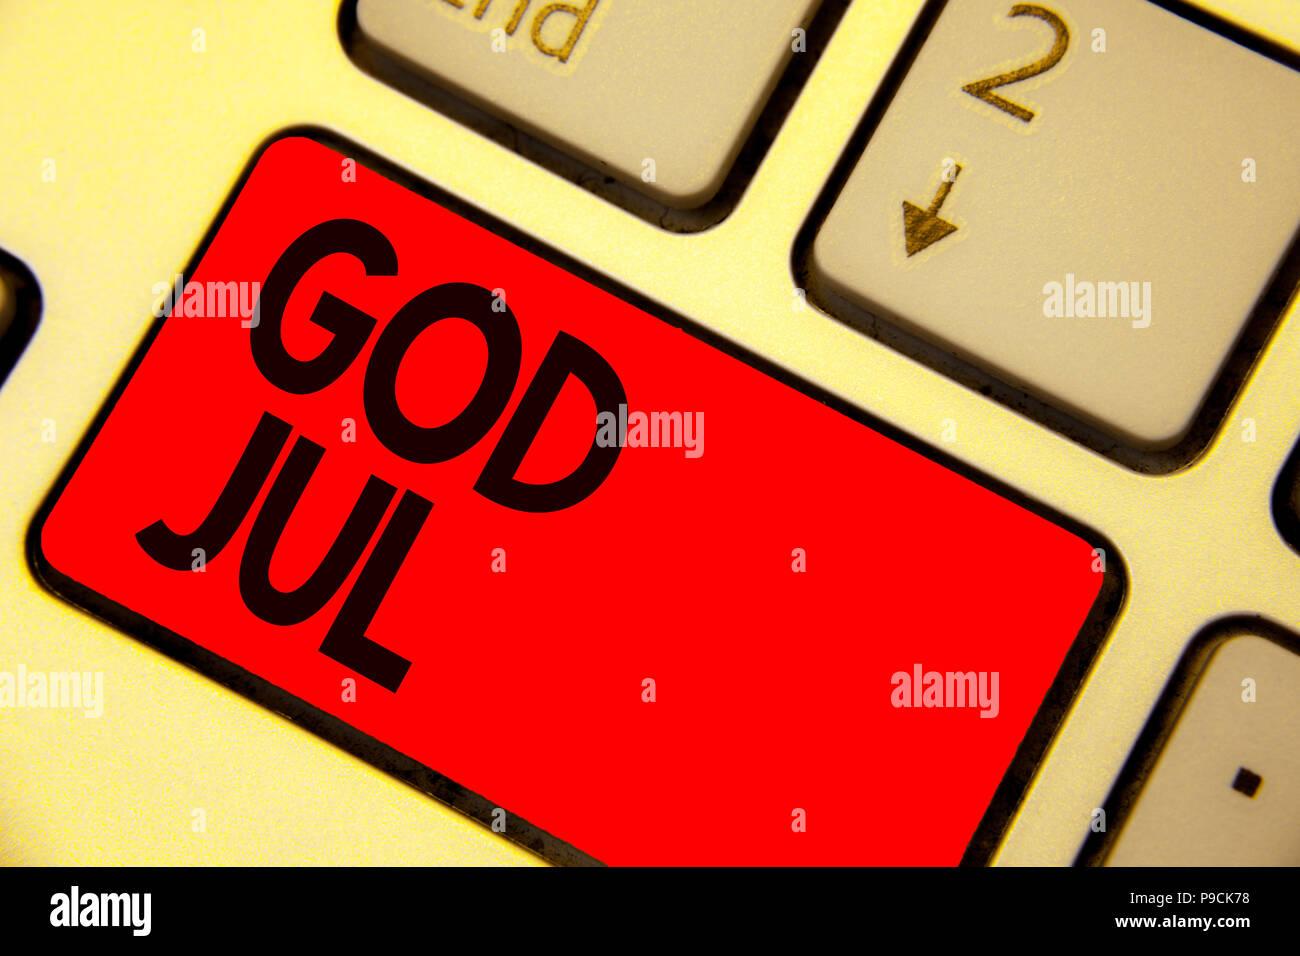 In Diesem Sinne Frohe Weihnachten.Handschrift Text Schreiben Gott Jan Konzept Sinn Frohe Weihnachten